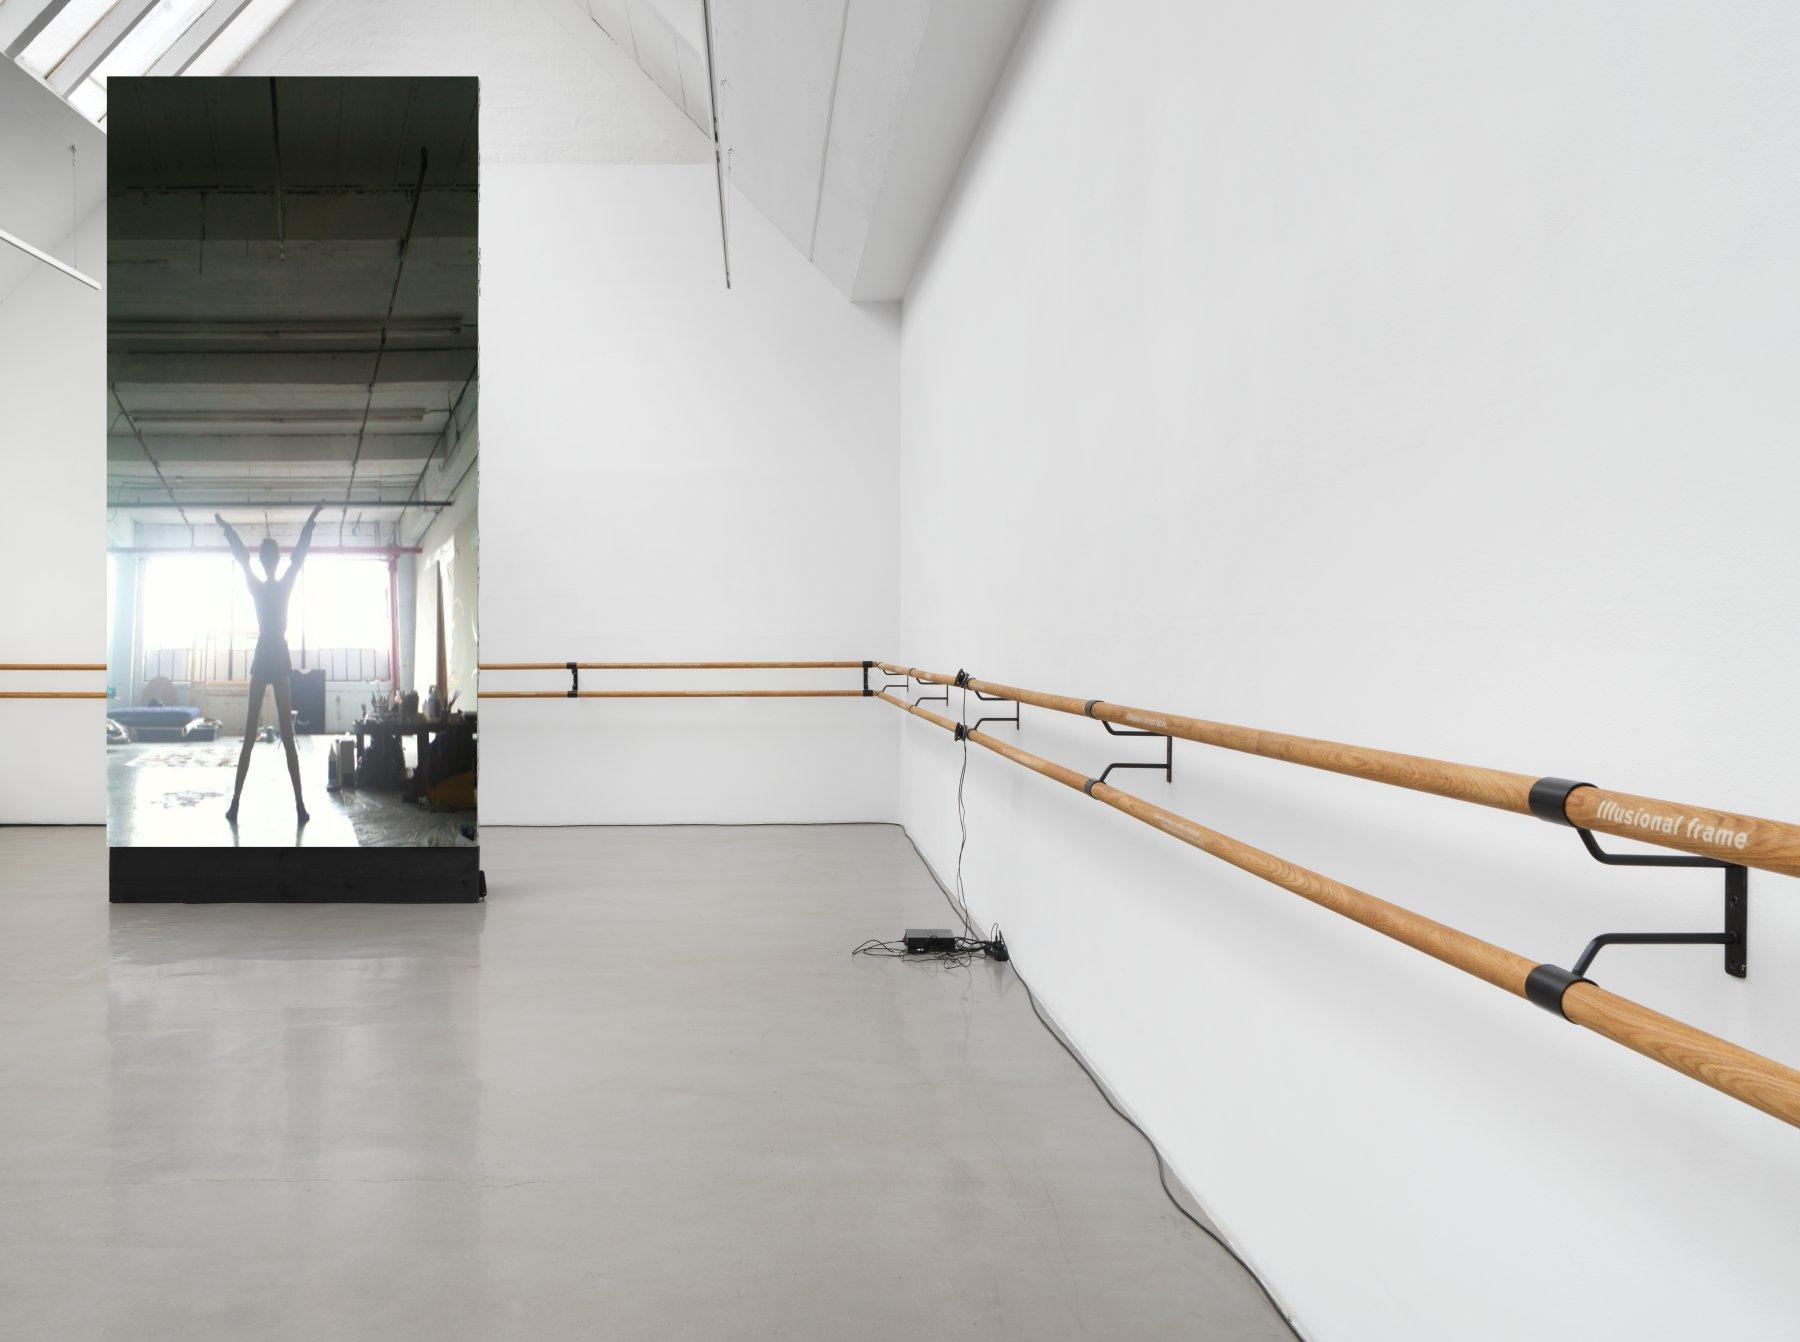 Galerie Barbara Thumm Anna K E 3